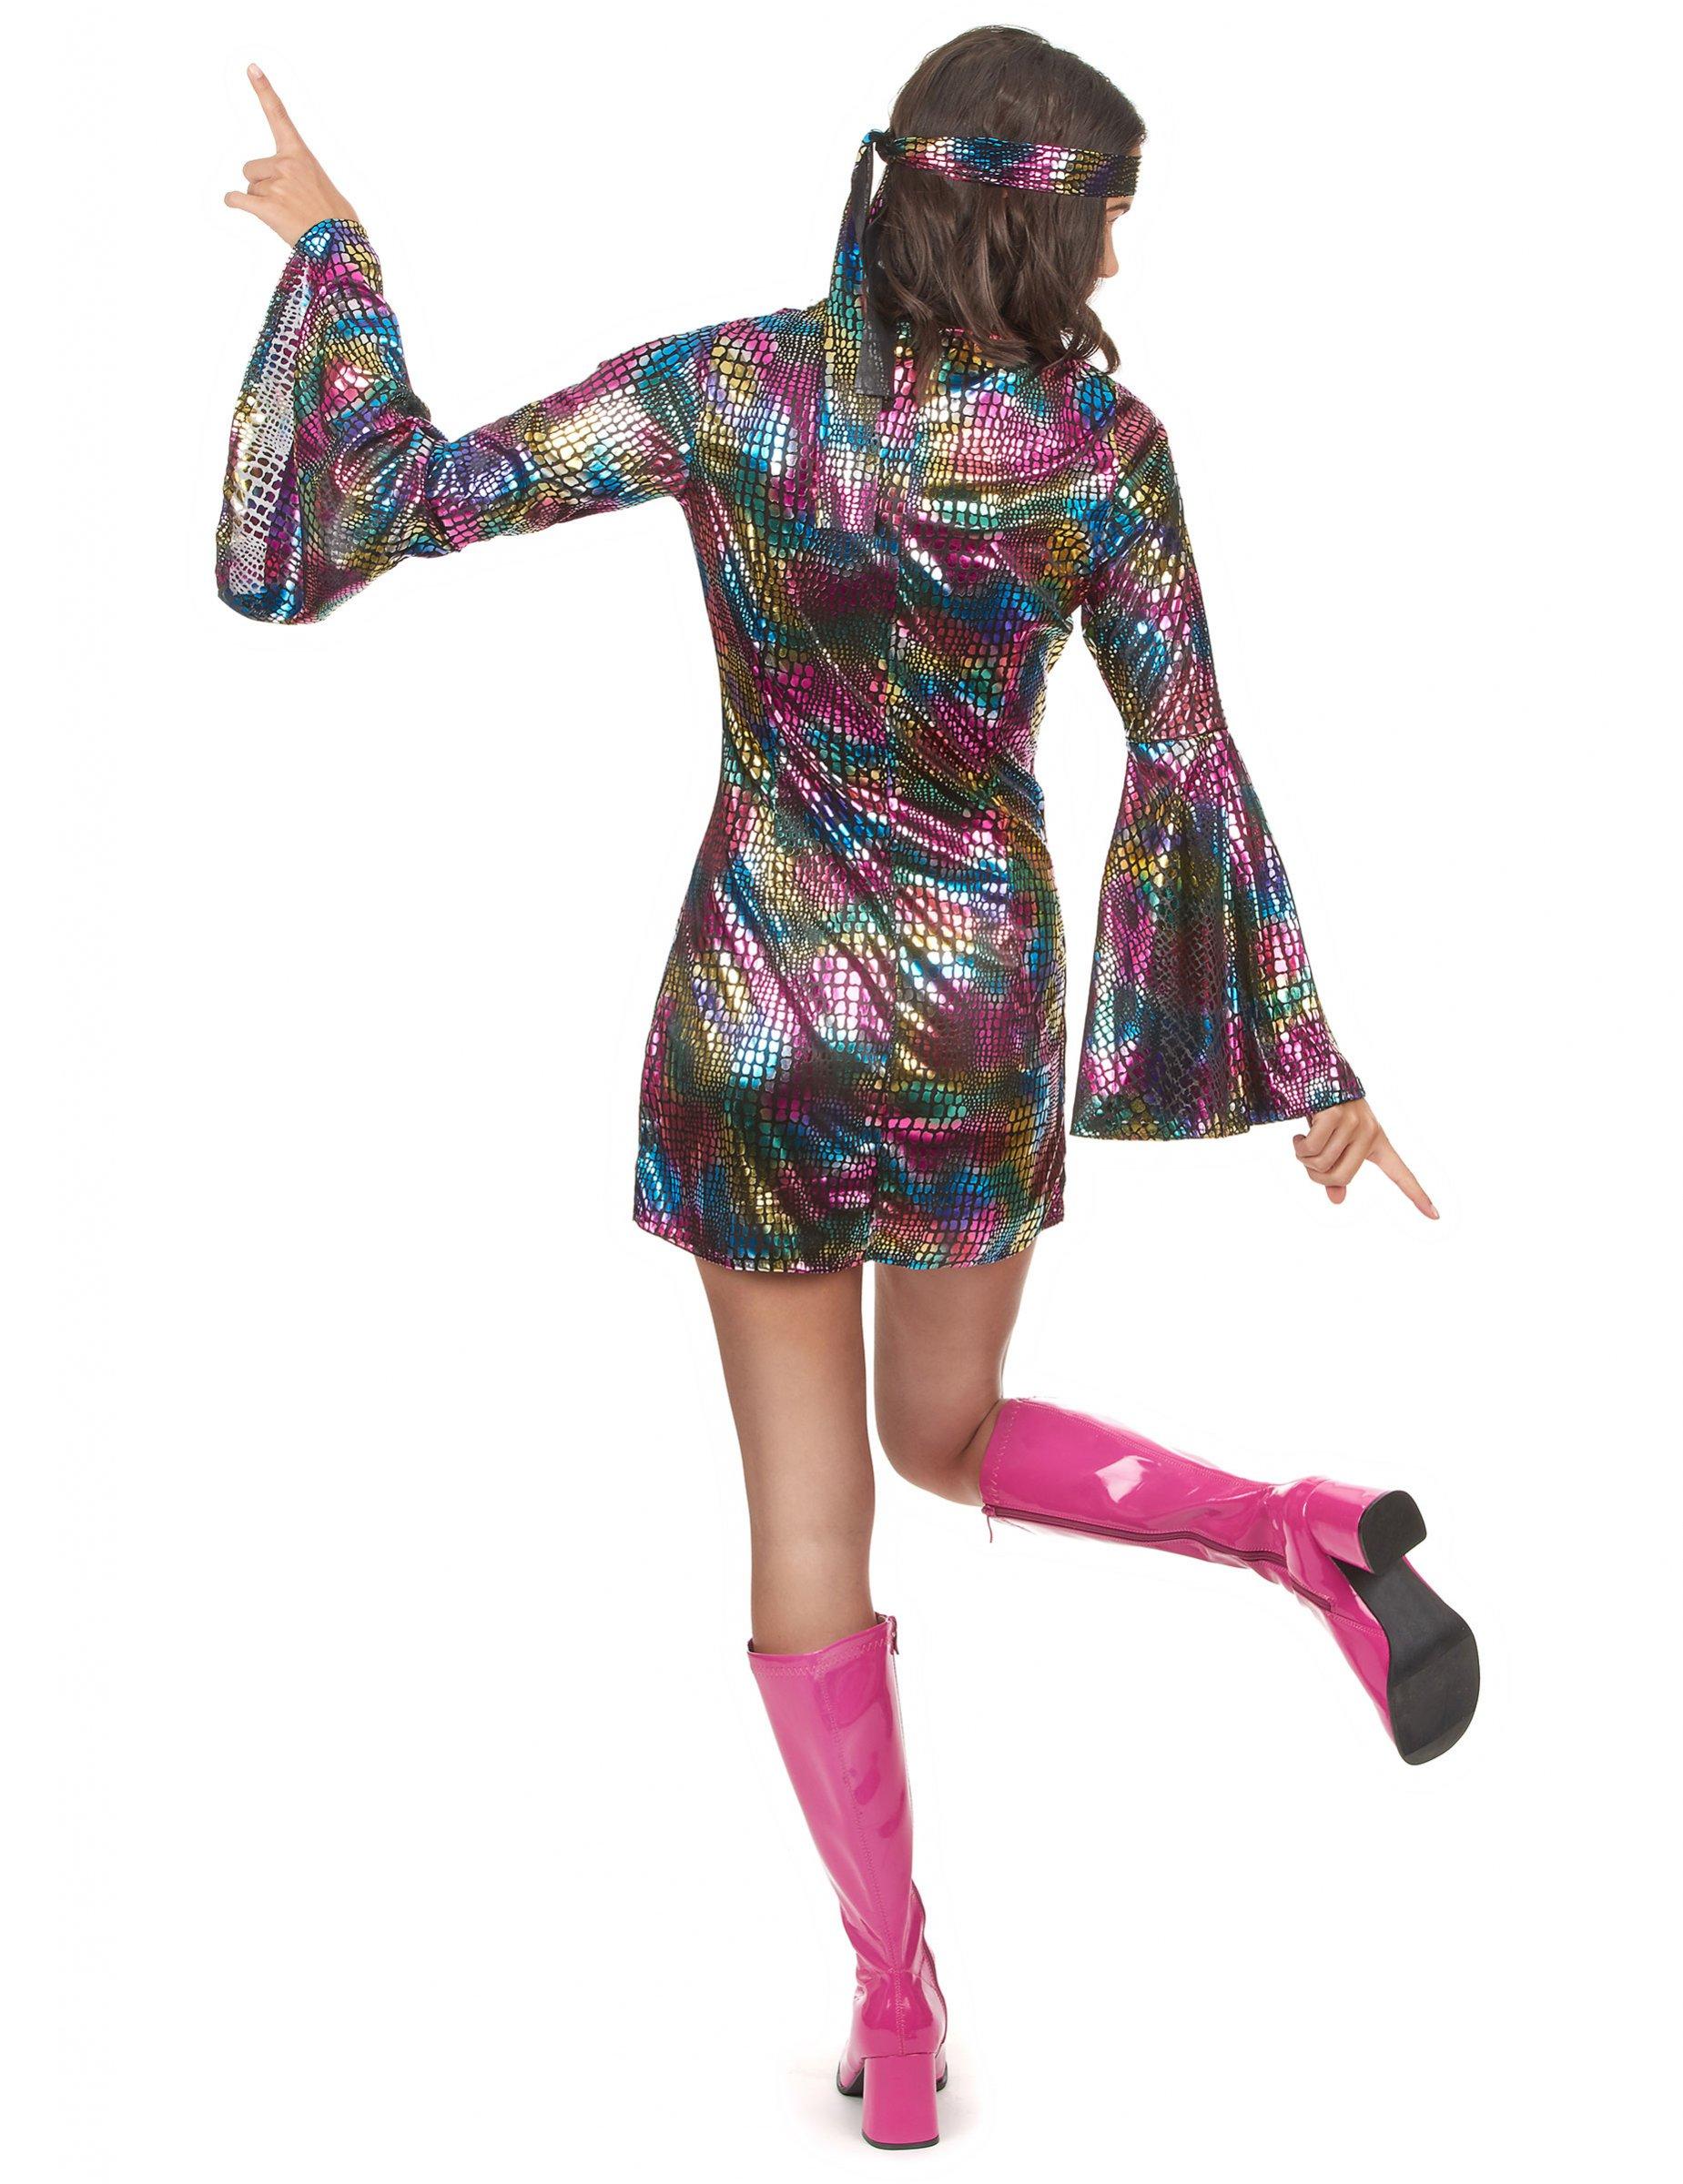 70er jahre disco outfit f r damen bunt kost me f r. Black Bedroom Furniture Sets. Home Design Ideas